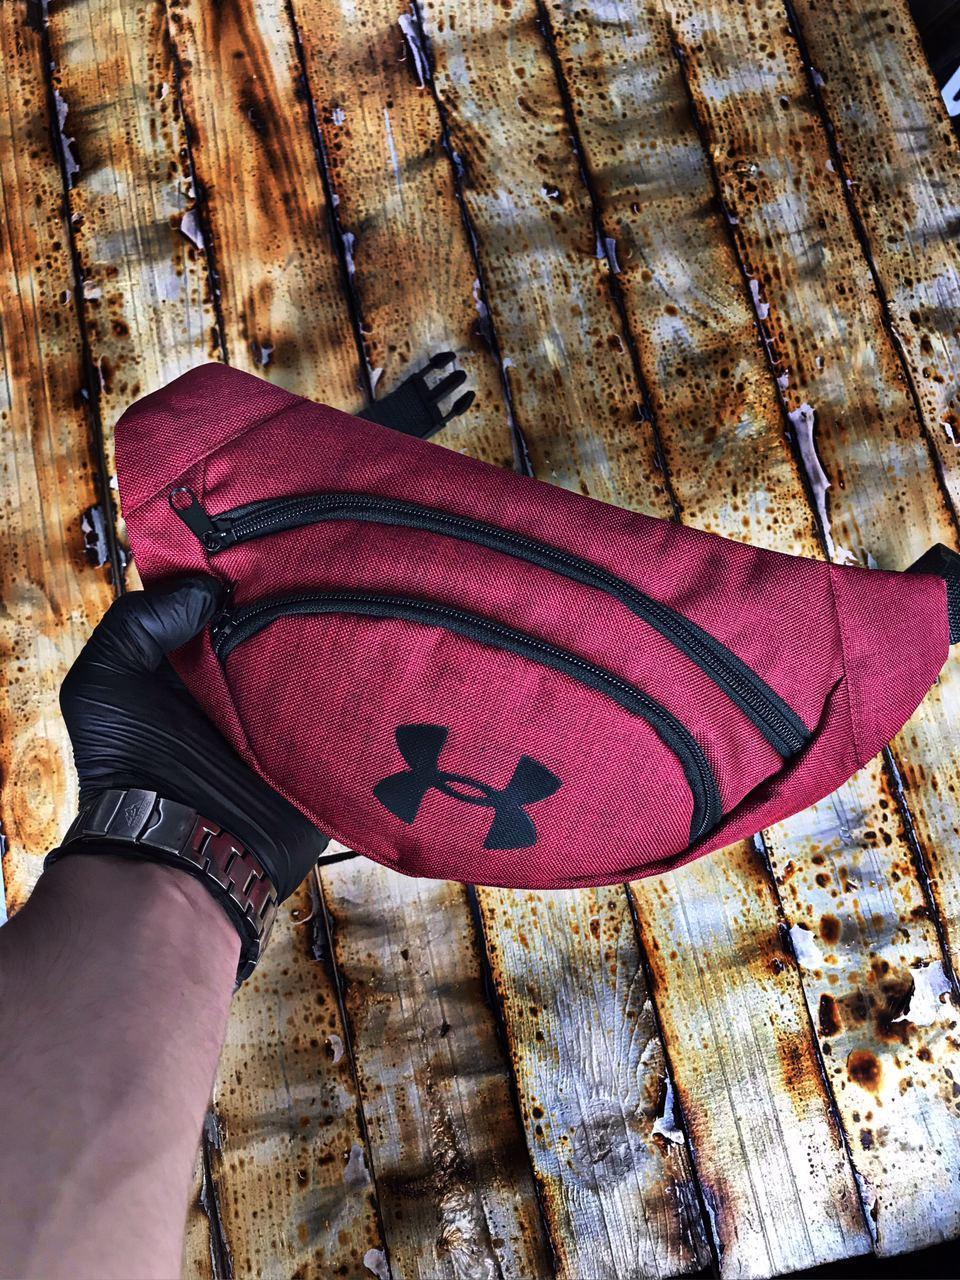 Поясная сумка Бананка Under Armour Логотип Черный Мужская Женская